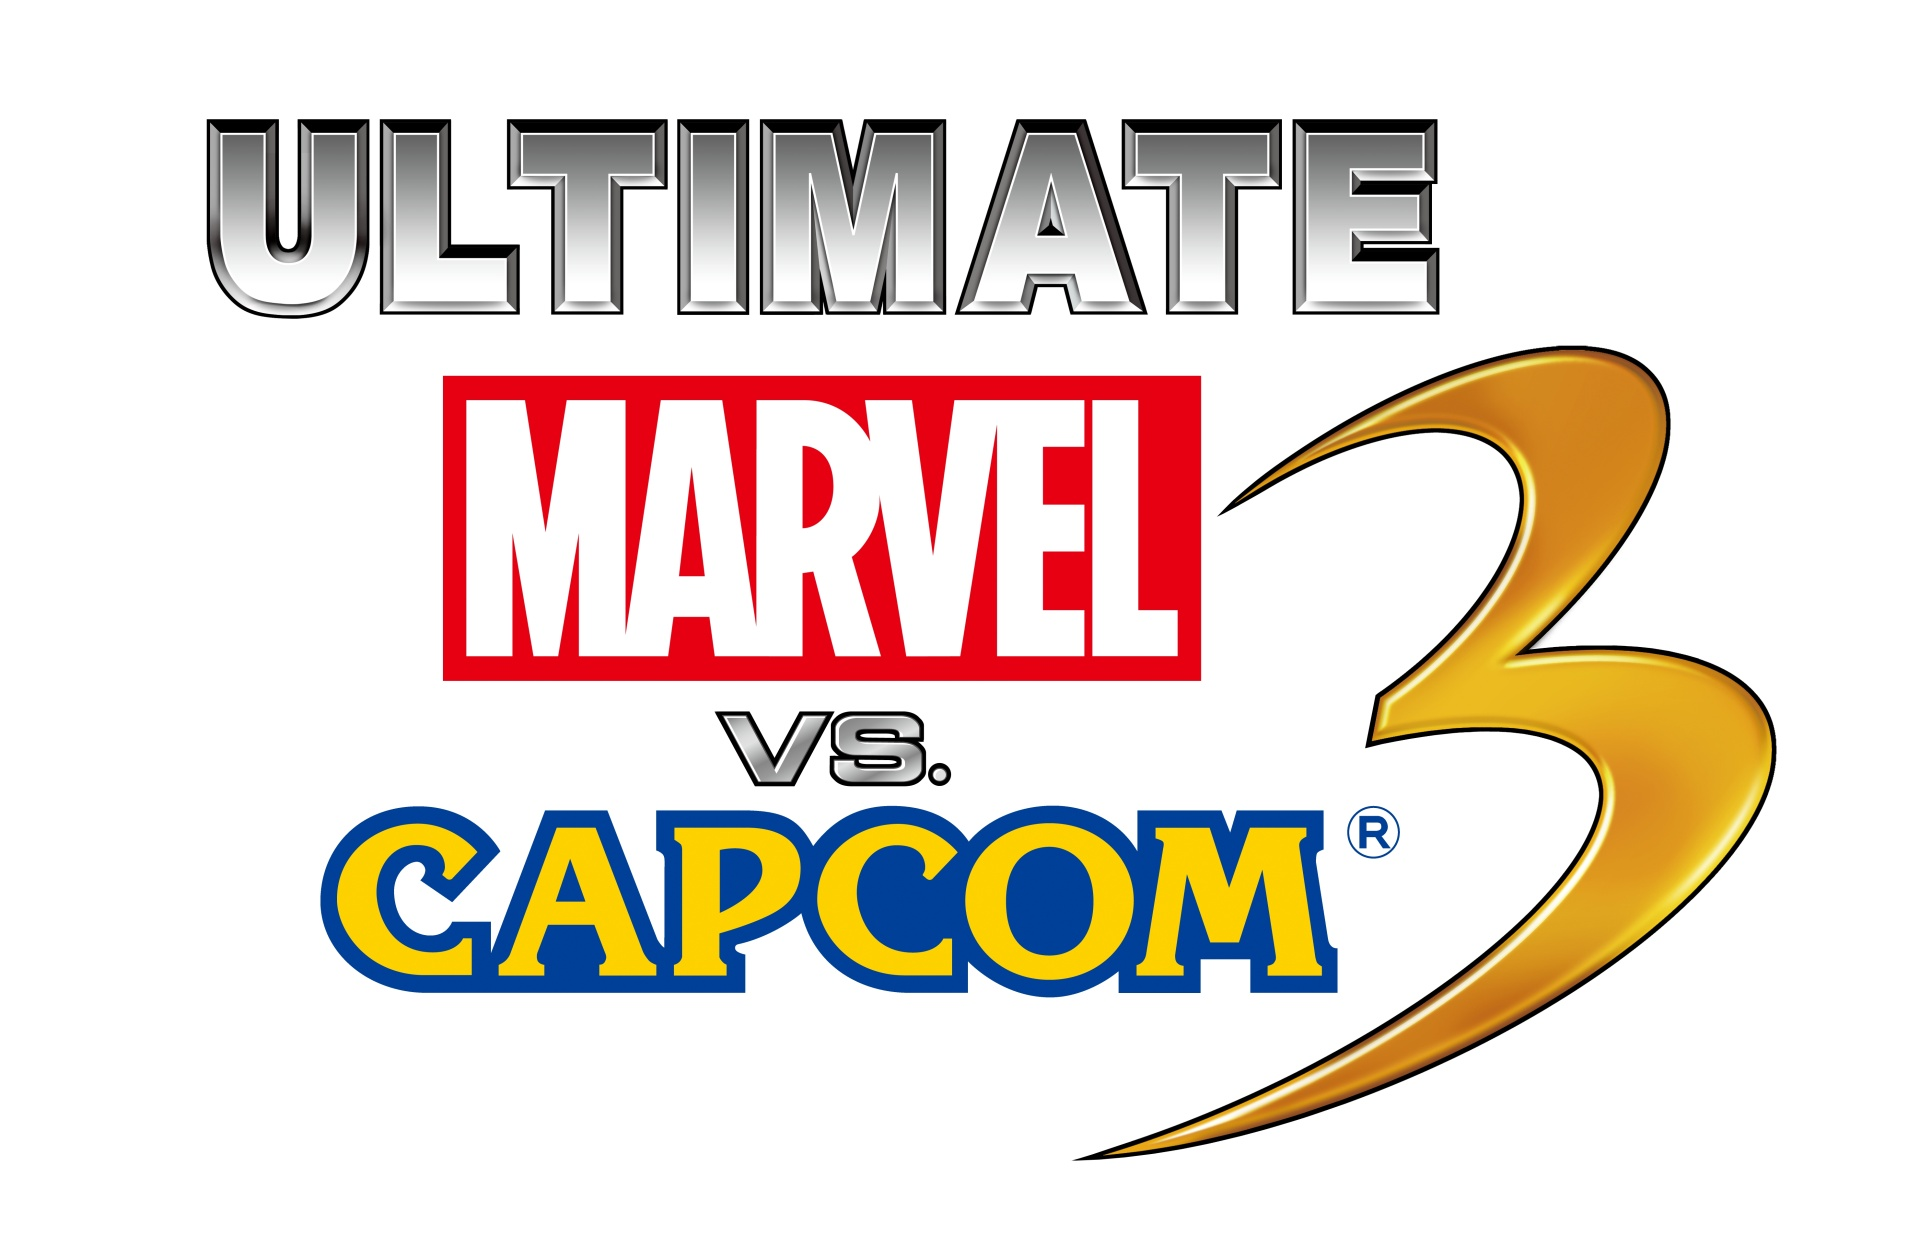 [UMVC3] Votre dose de news sur Ultimate Marvel (édition du 11/10/11)